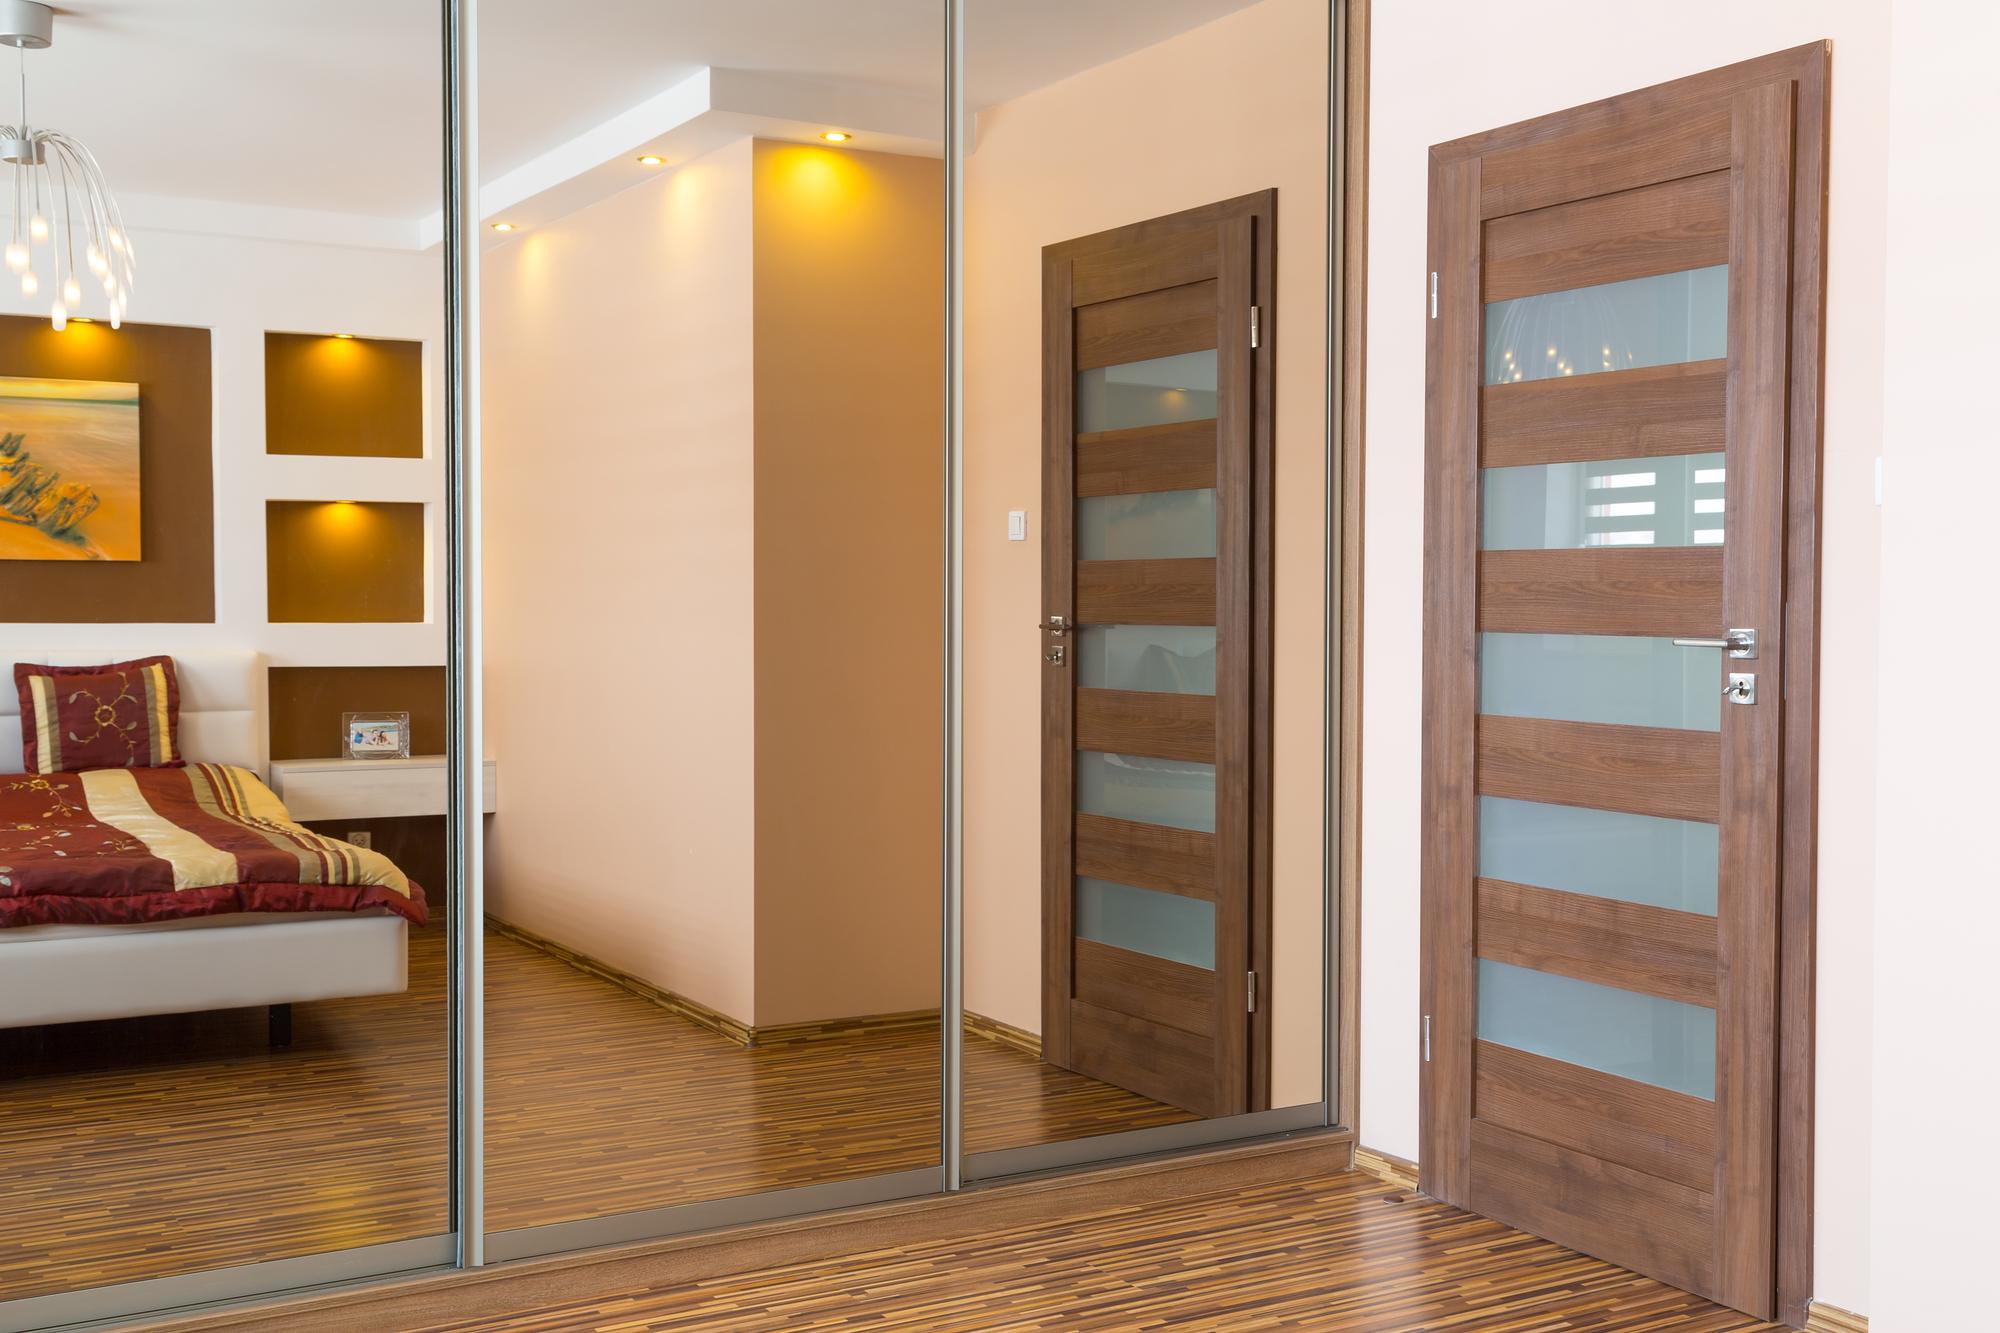 Choosing the Best Door for Your Bedroom